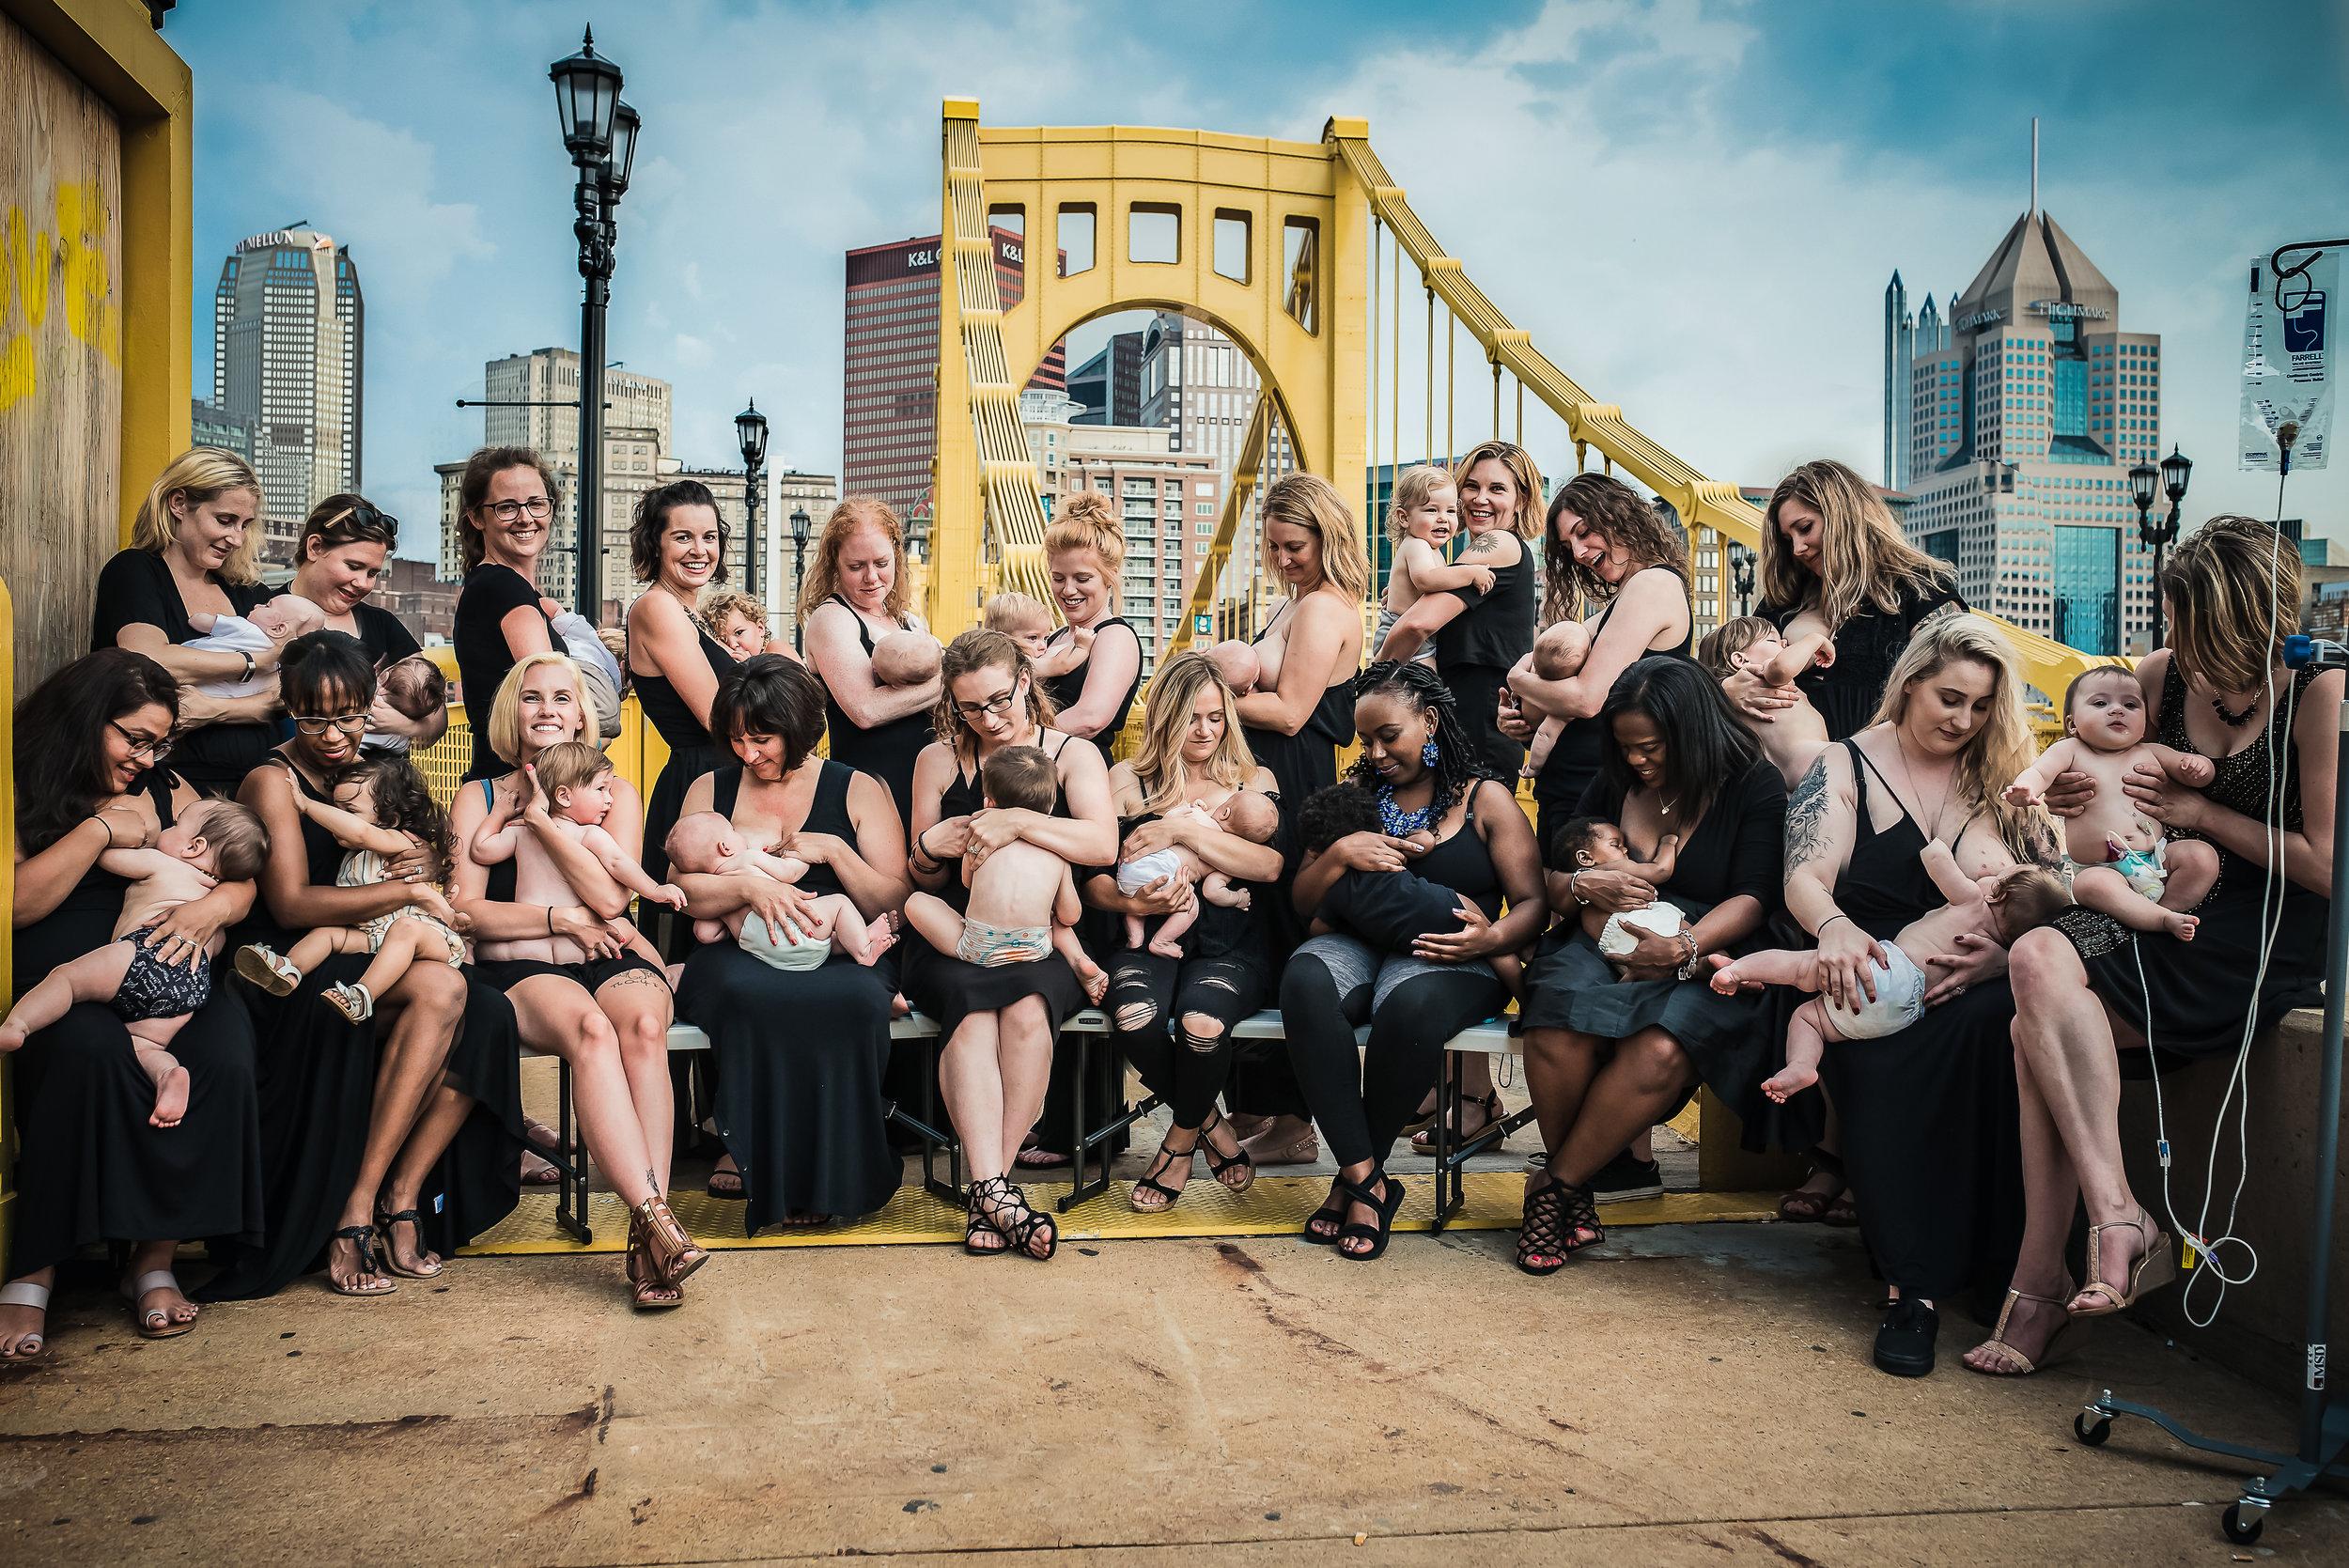 national breastfeeding week 2018 pittsburgh